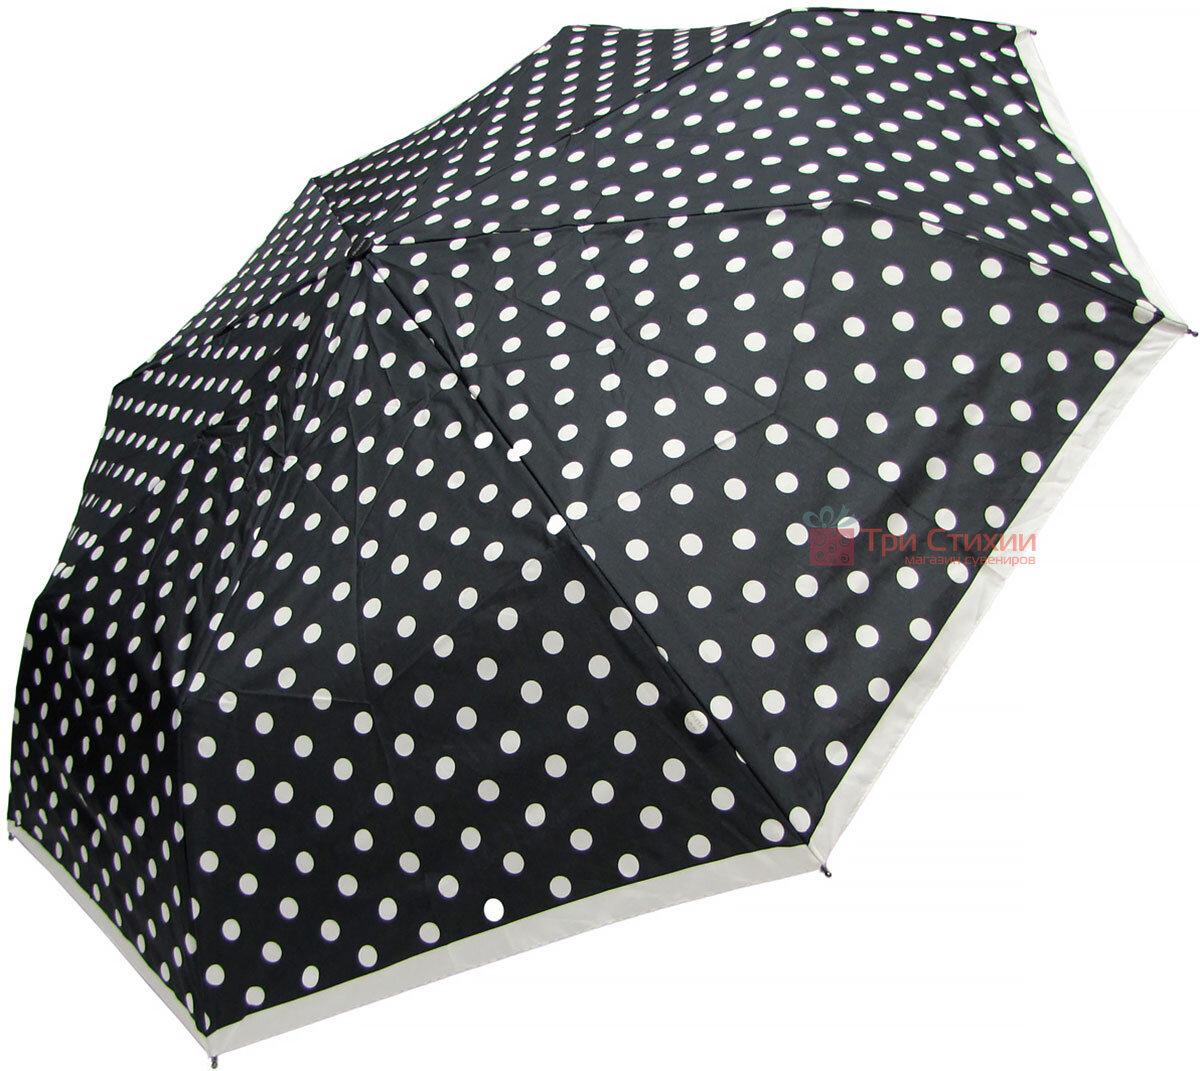 Зонт складной Doppler 7441465BW06 полный автомат Черно-белый, фото